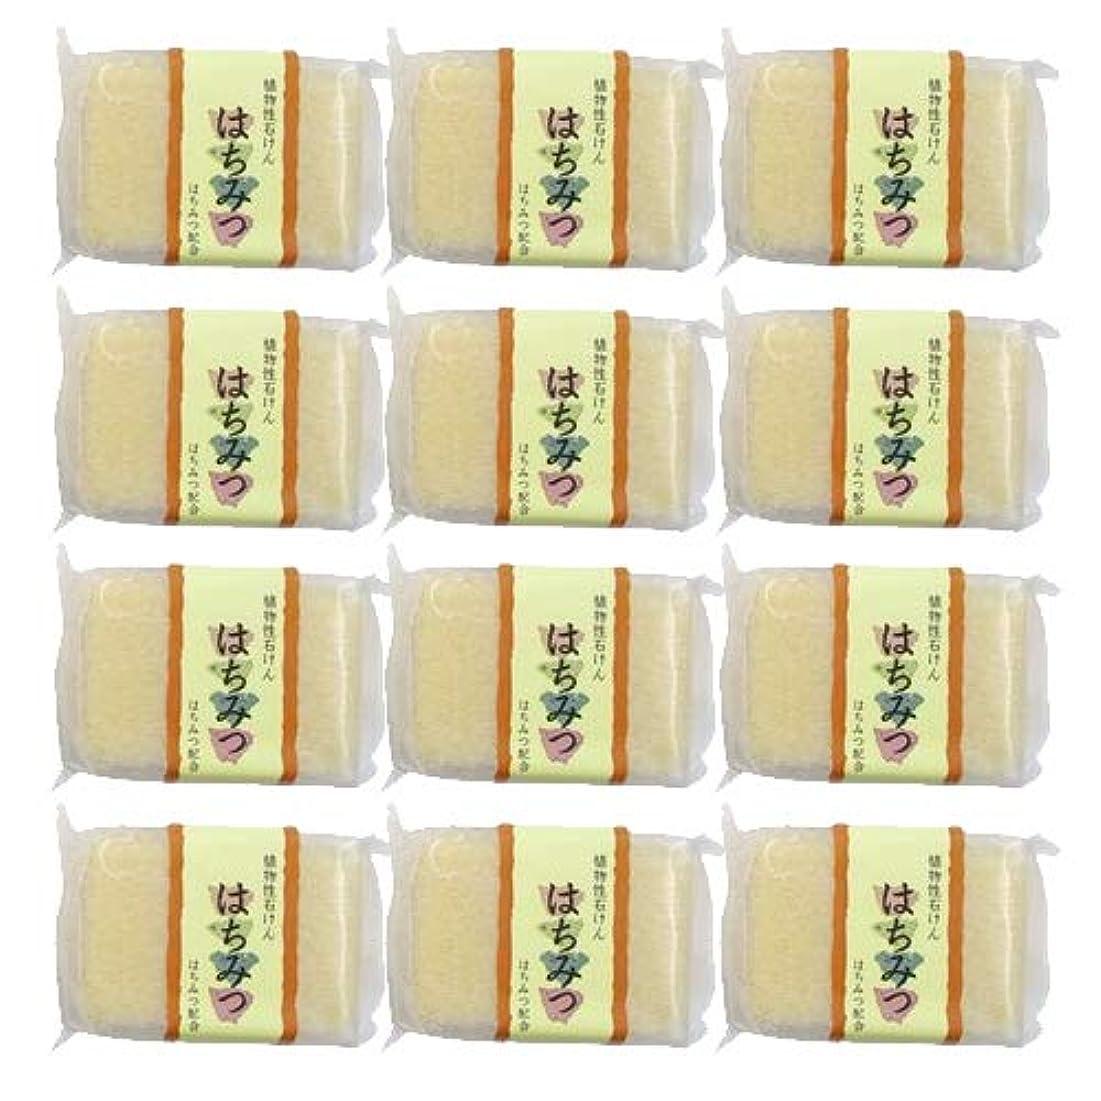 薬ボス意味する植物性ソープ 自然石けん はちみつ 80g ×12個